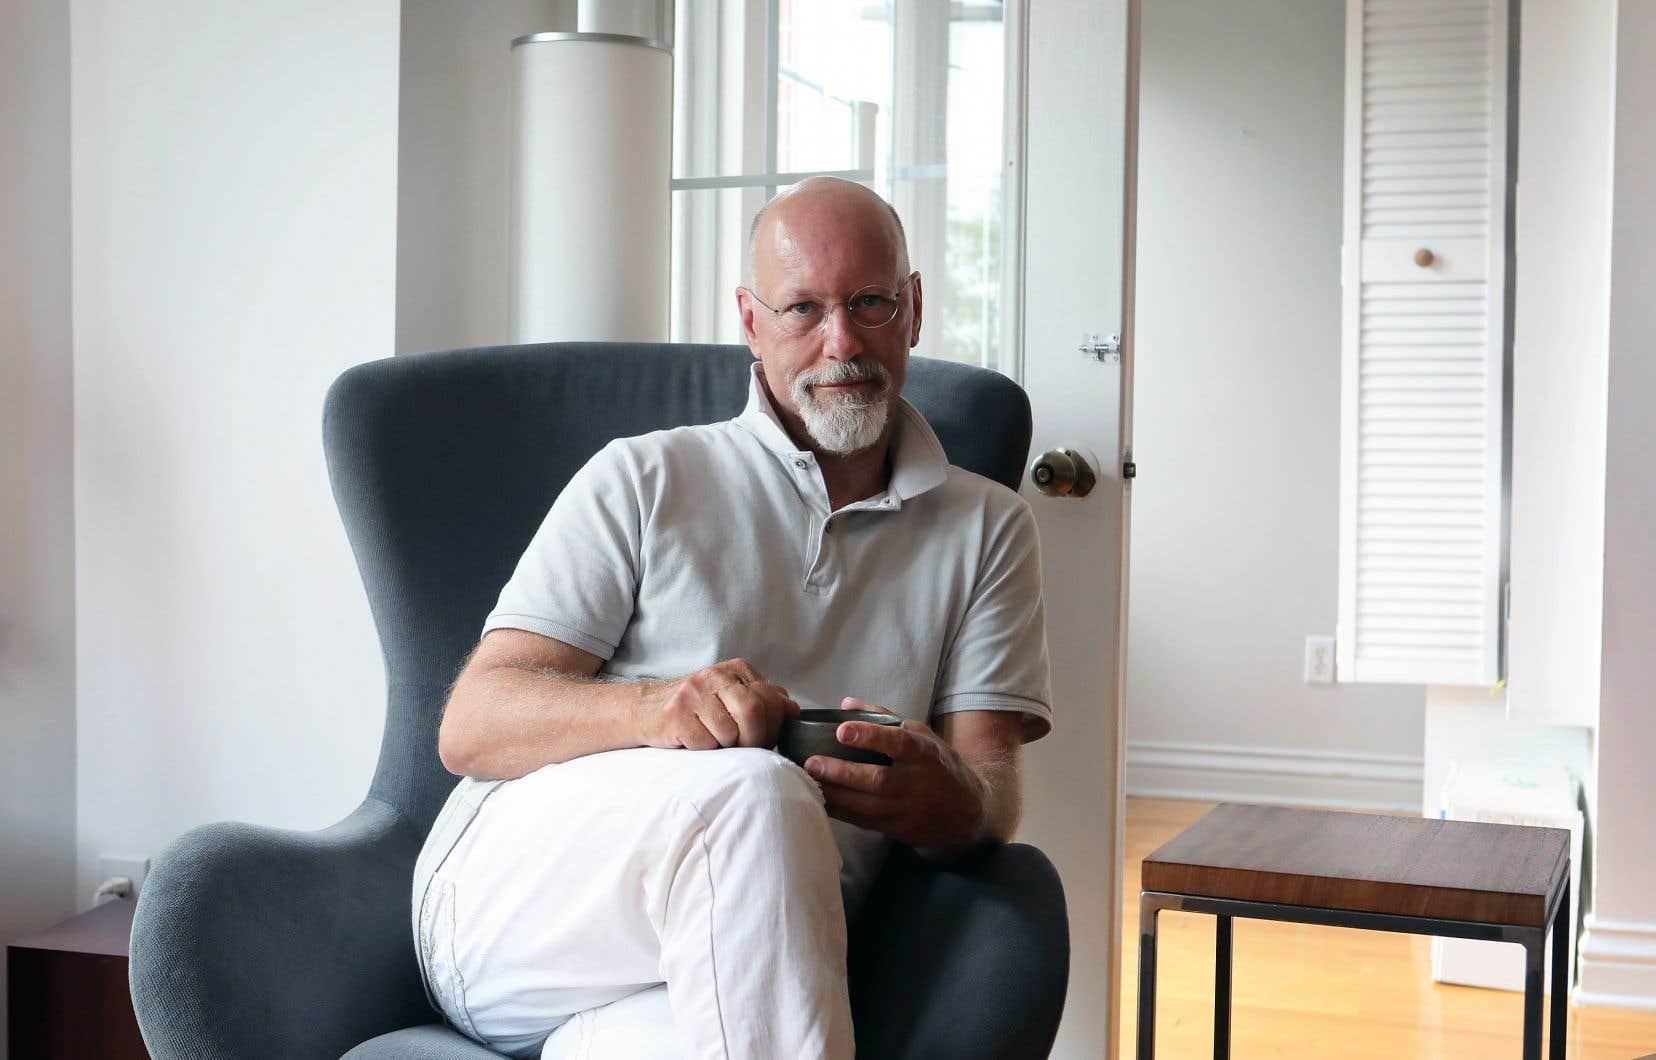 Le biologiste, artiste, éducateur et voyageur Daniel Lytwynuk